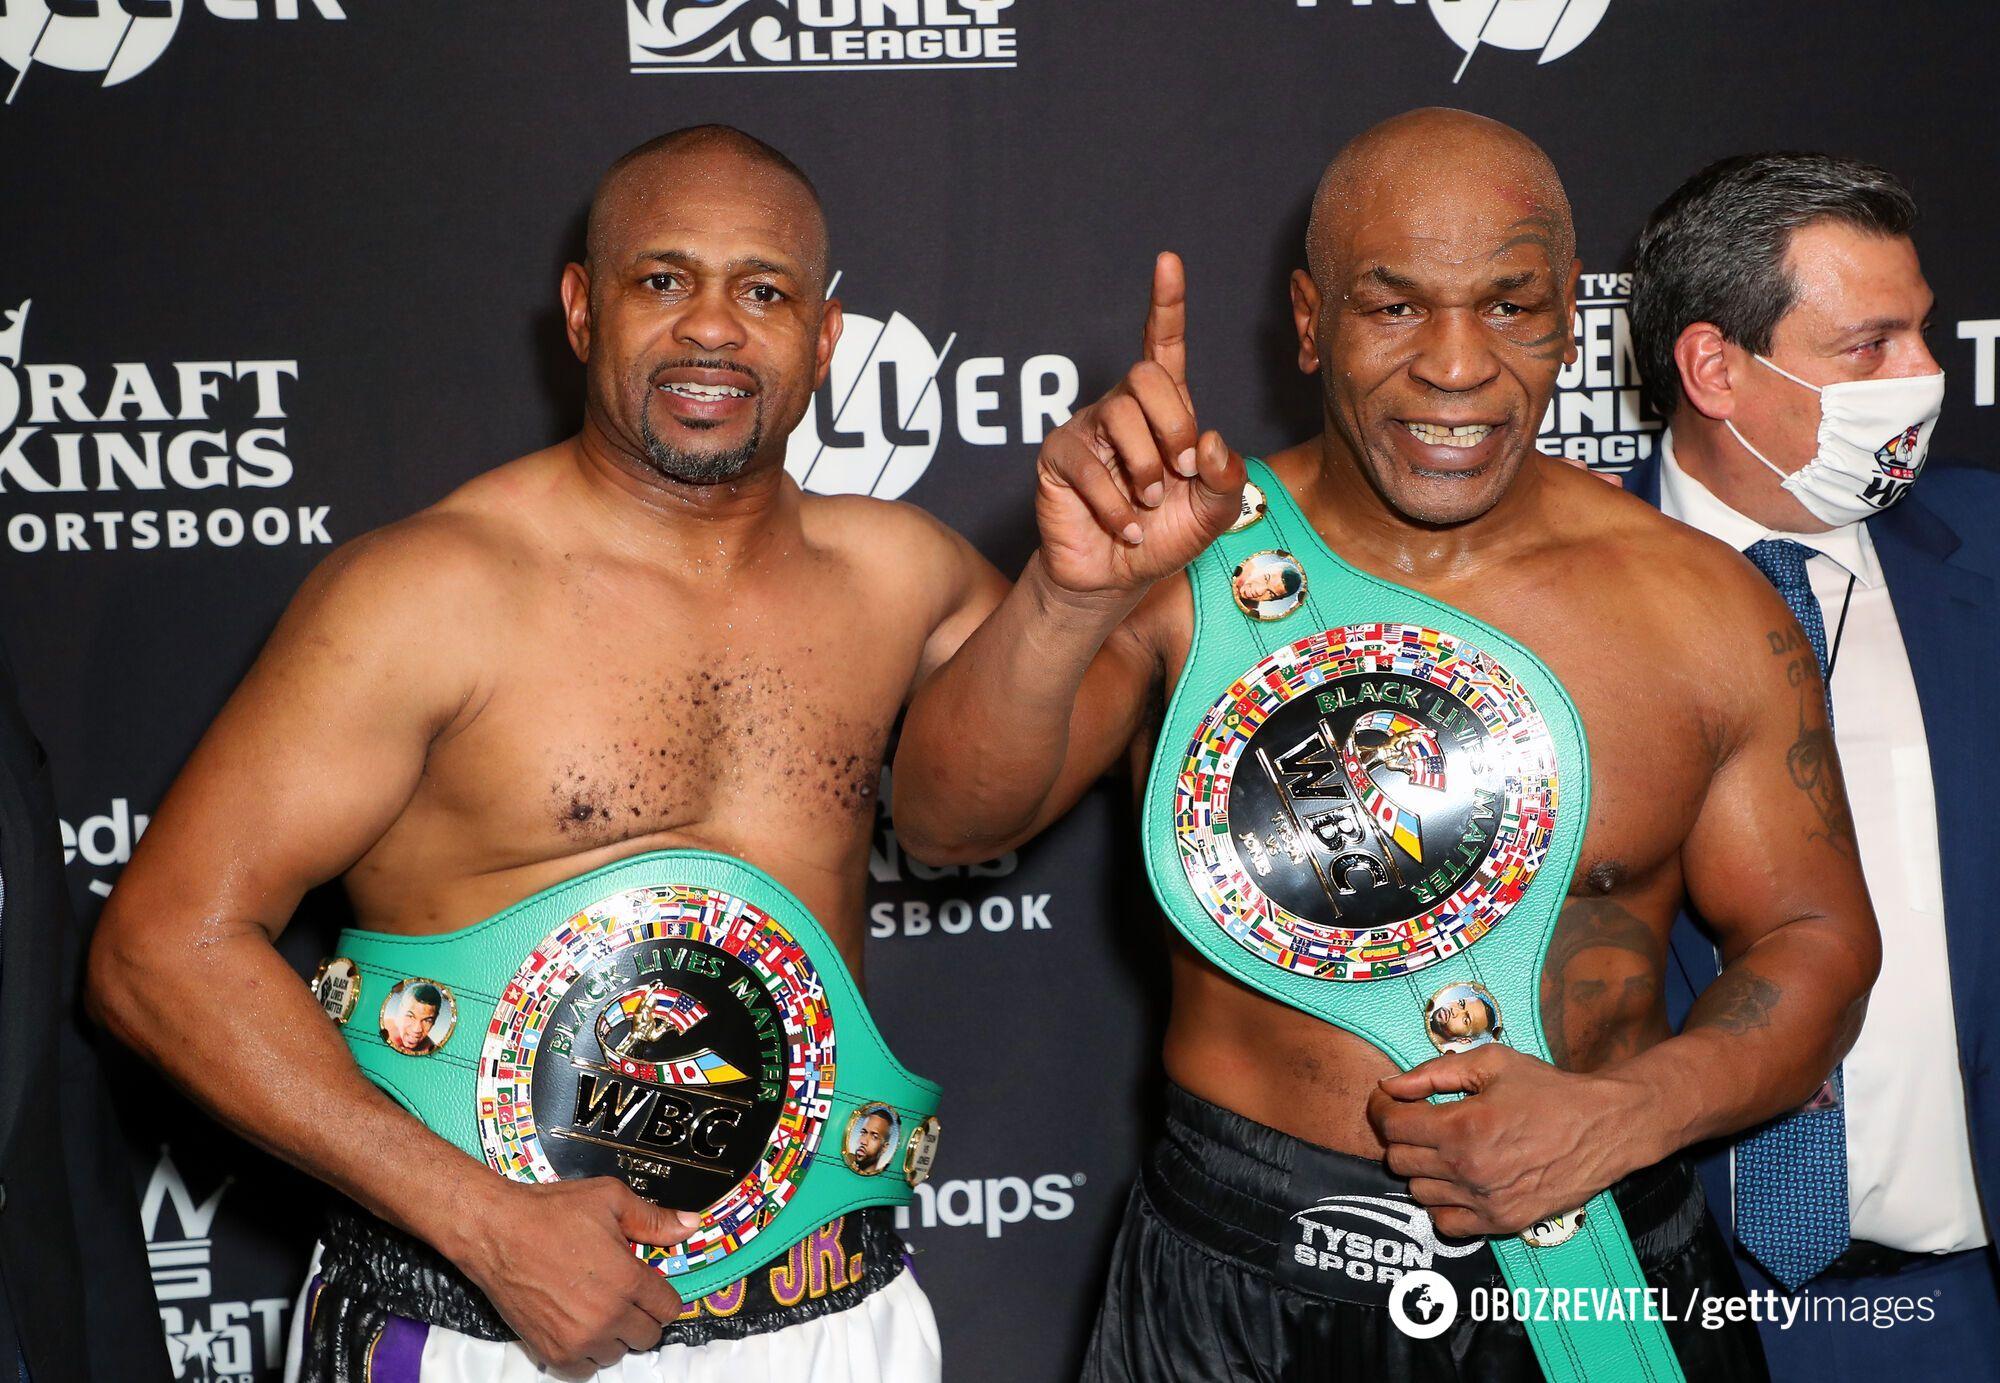 Рой Джонс і Майк Тайсон із чемпіонськими поясами WBC Frontline Battle Beltс